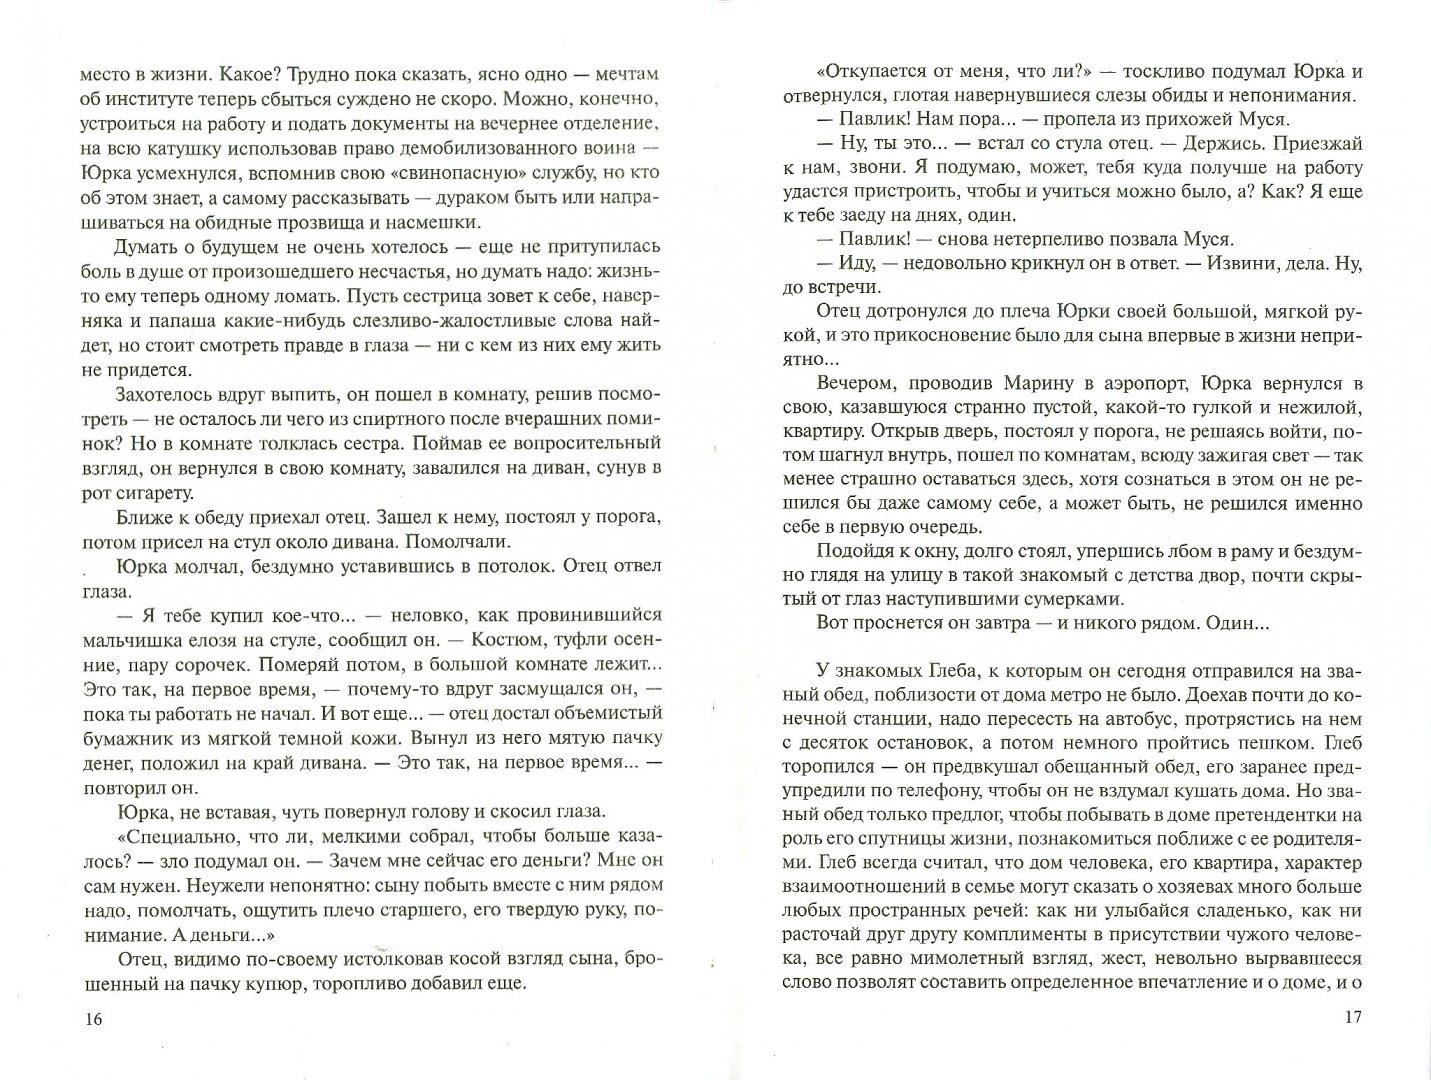 Иллюстрация 1 из 5 для Получатель - Василий Веденеев   Лабиринт - книги. Источник: Лабиринт